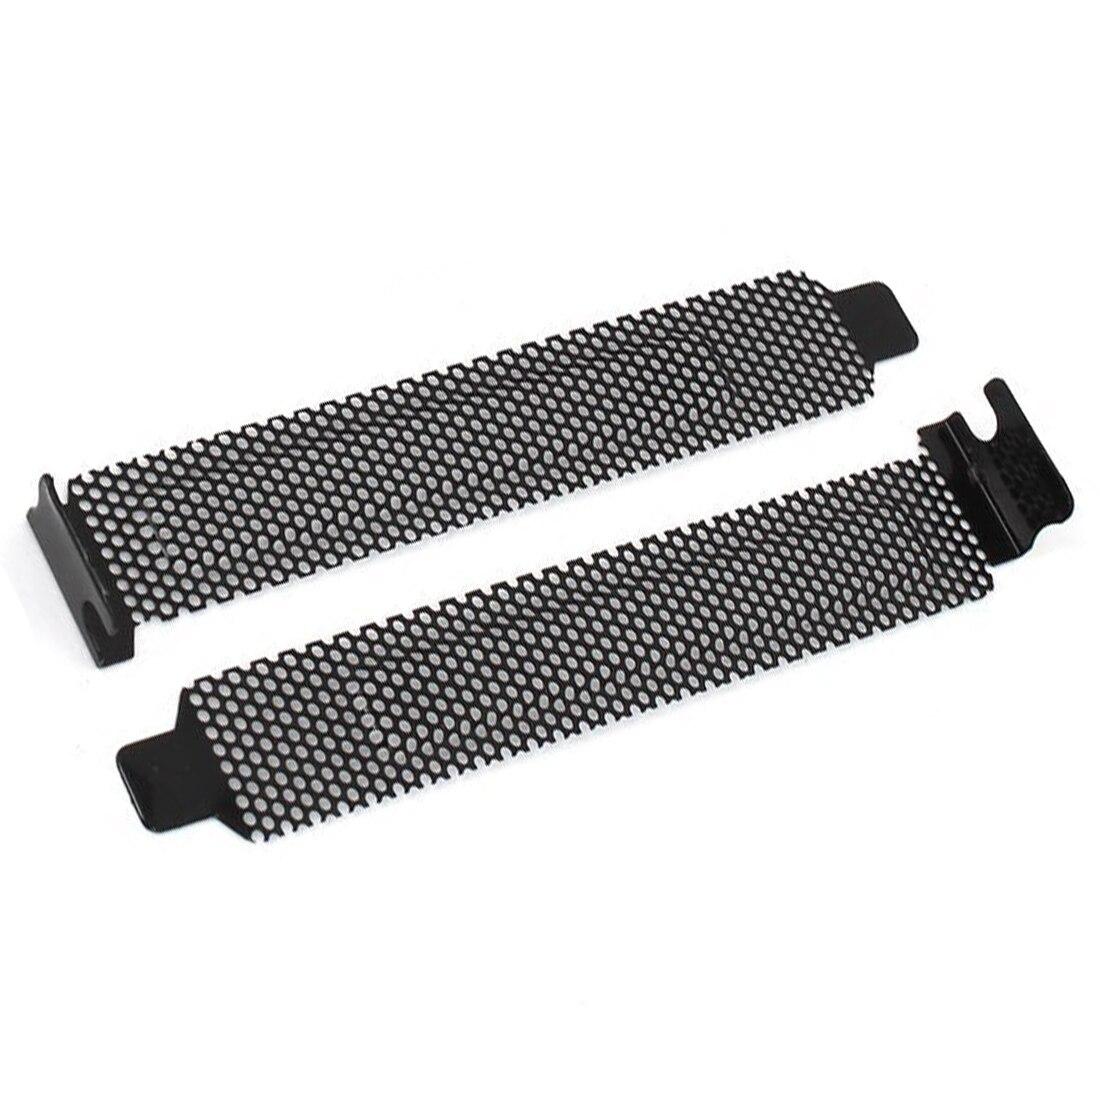 10 шт. Пылезащитный фильтр из твердой стали, крышка разъема PCI с винтами